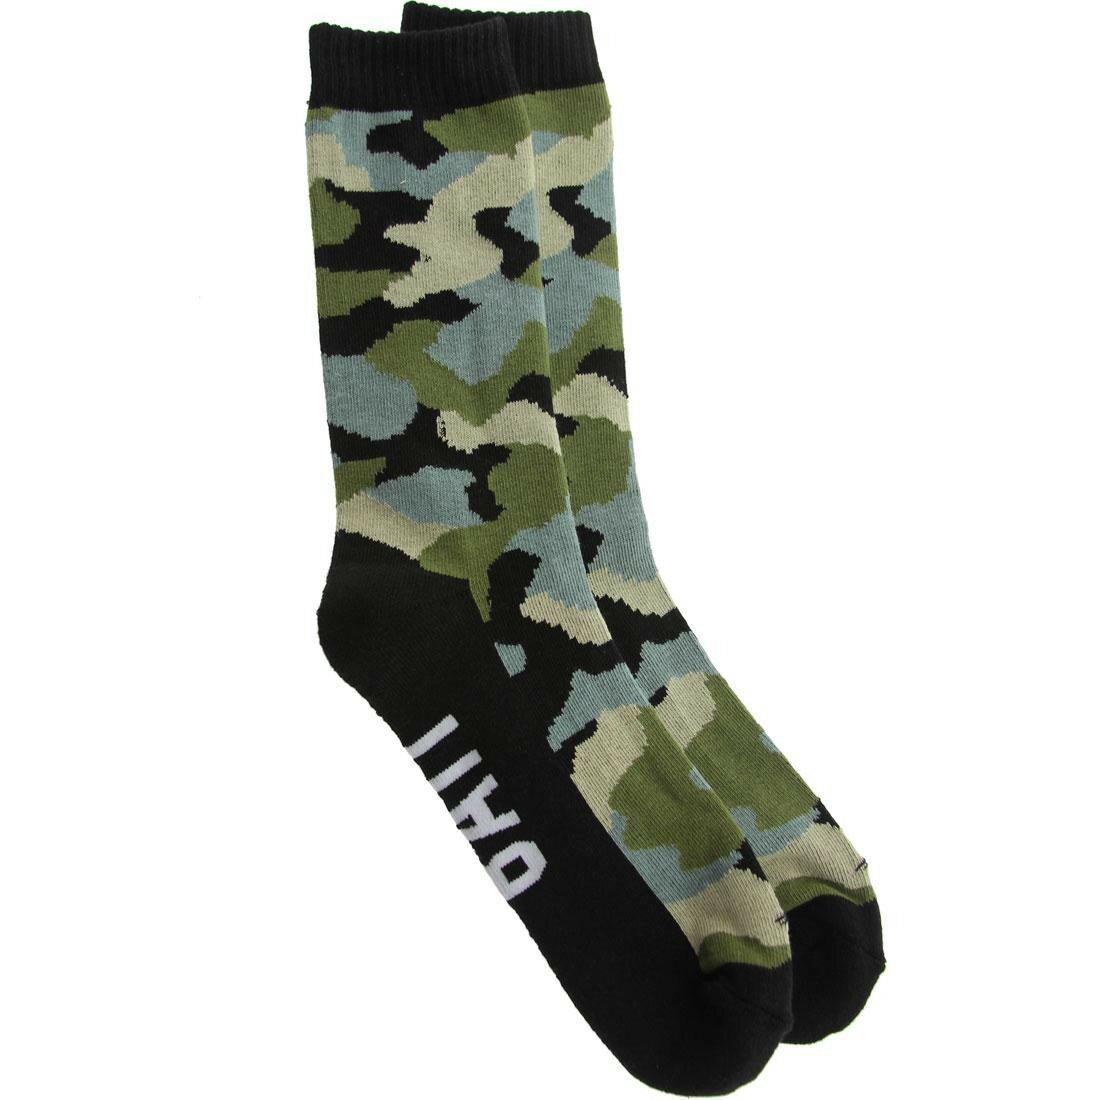 靴下・レッグウェア, 靴下 BAIT1911BATPREMIUM VANQUISH CAMO SOCKS(197-BAT-SCS-002)